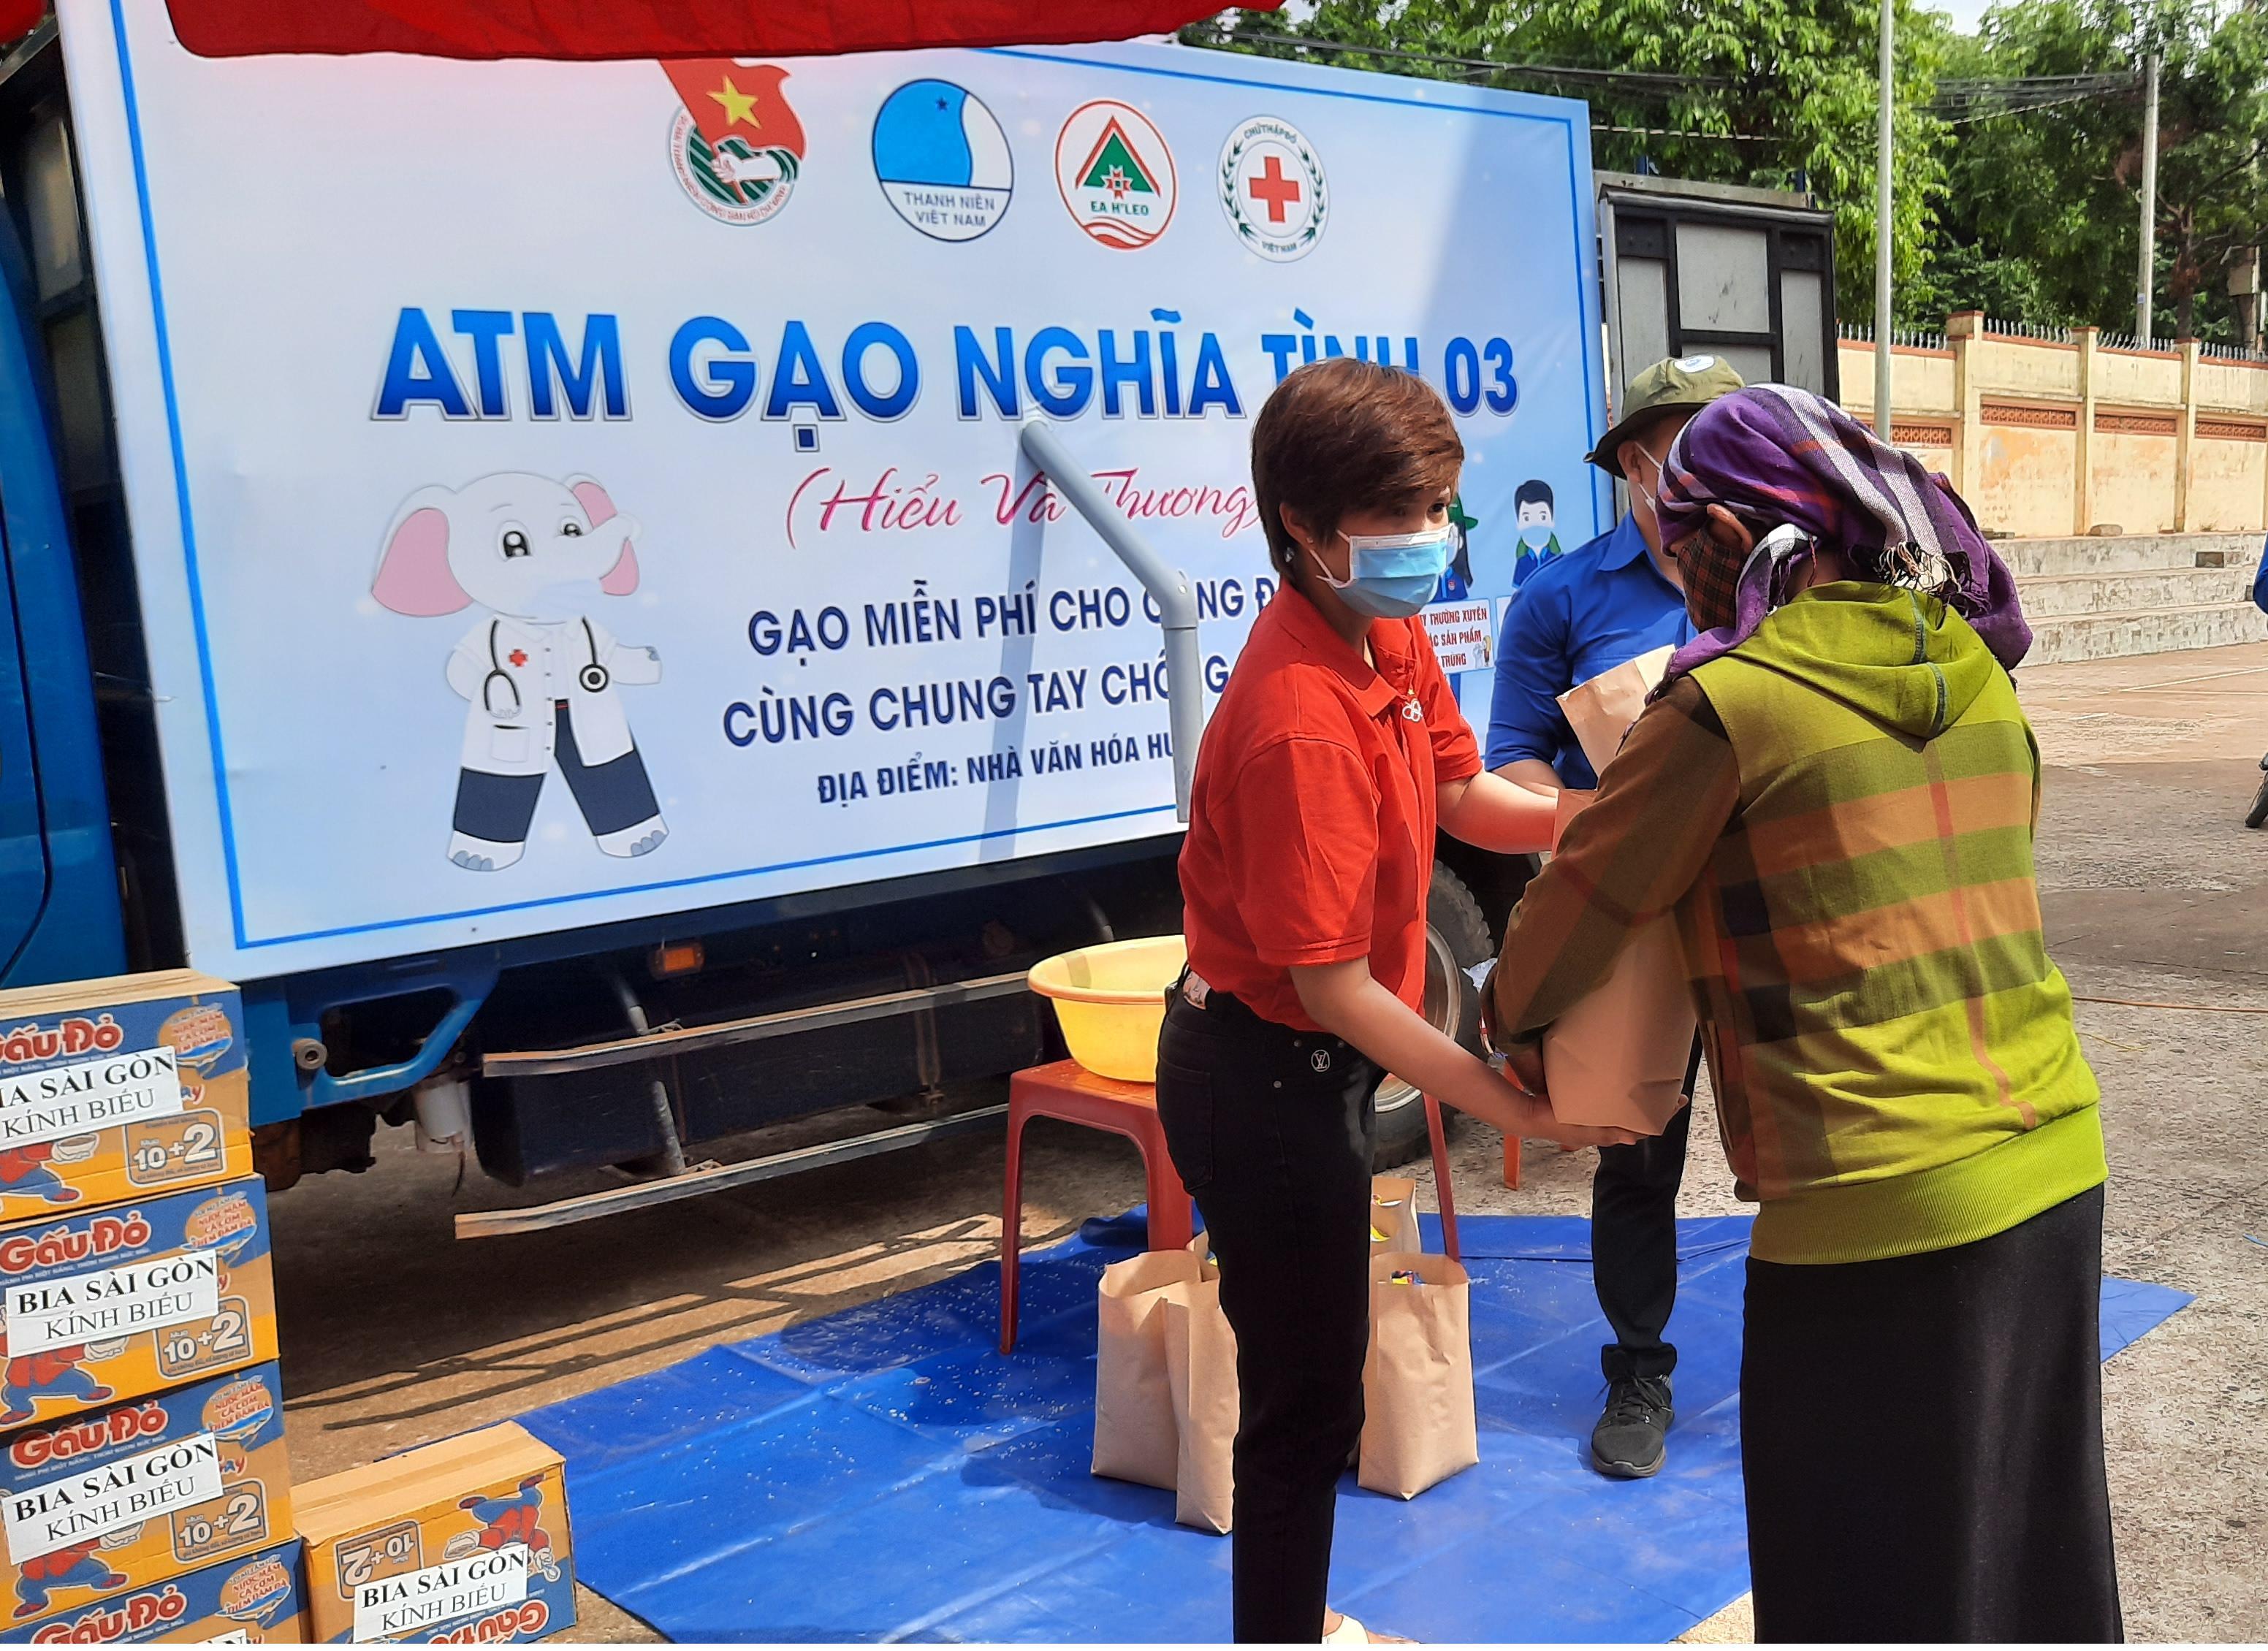 Huyện đoàn Ea H'Leo cấp phát 1,5 tấn gạo hỗ trợ gia đình khó khăn do ảnh hưởng dịch bệnh Covid-19